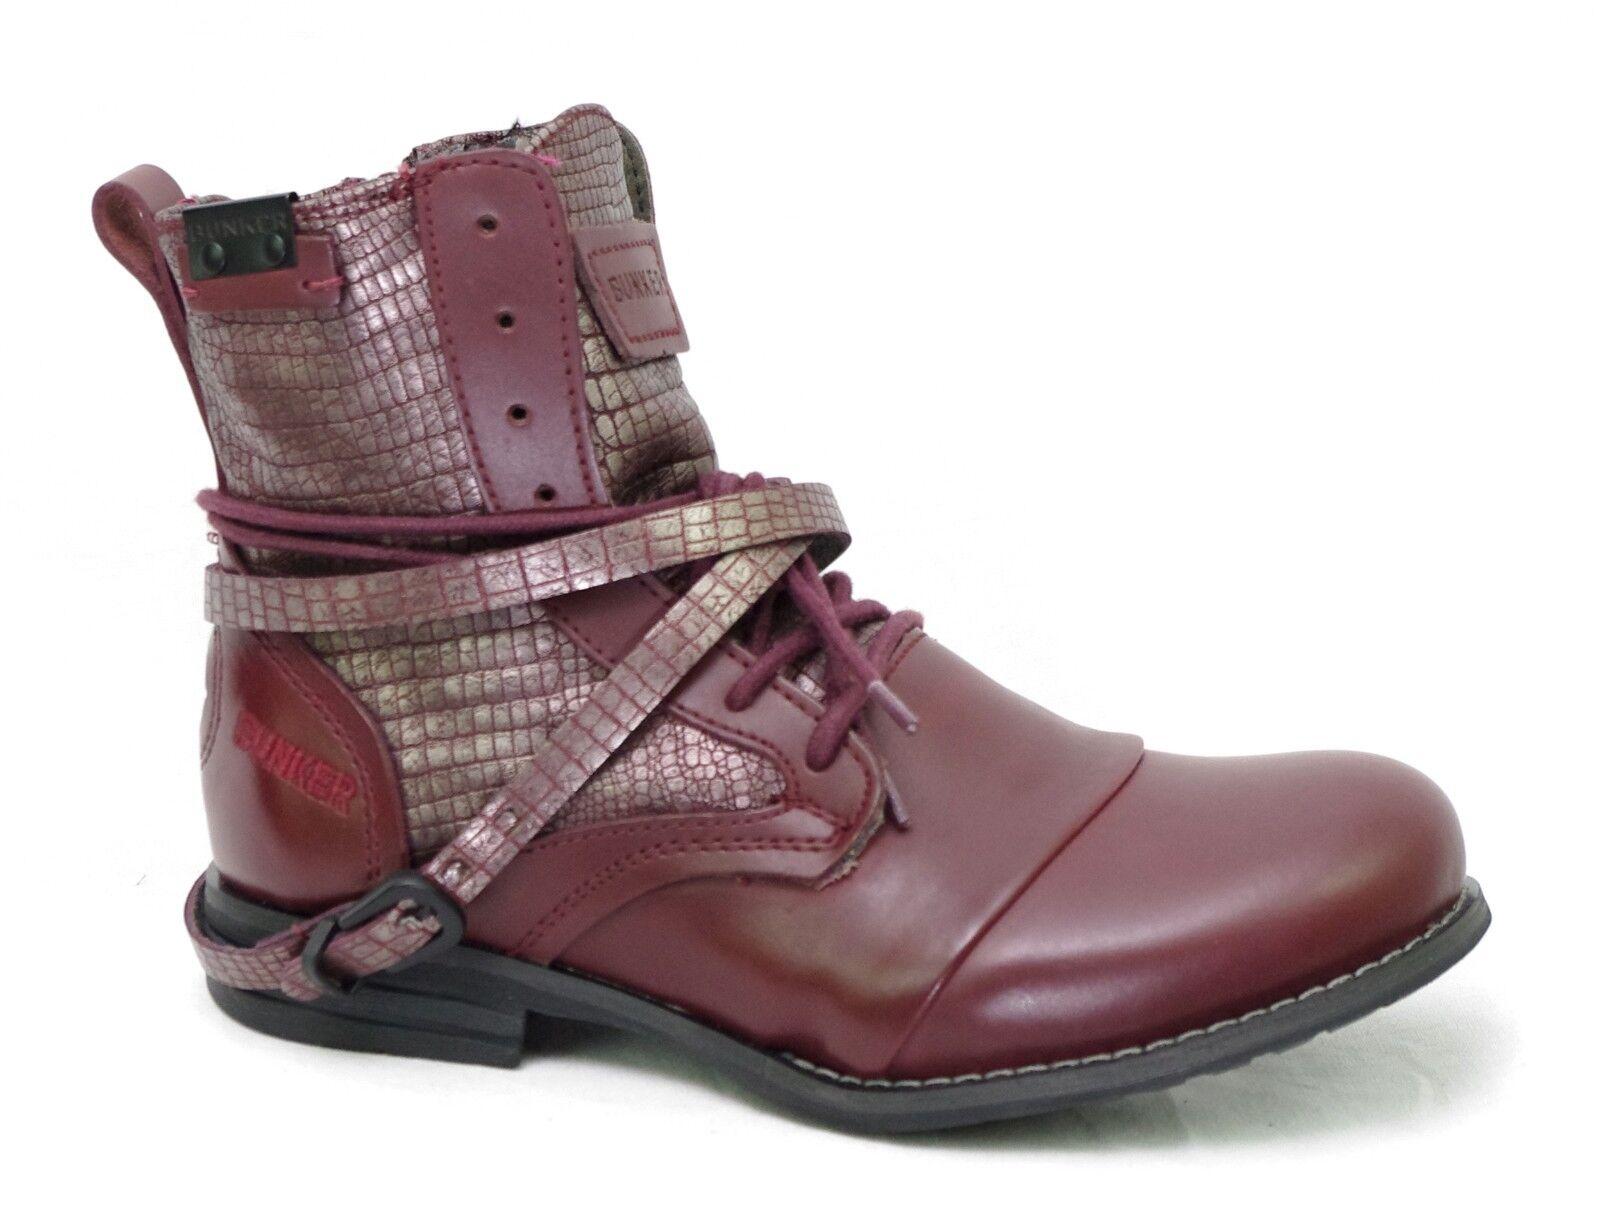 Zapatos especiales con descuento BUNKER boots mujer cuir bordeaux KOL LU37 BURDEOS